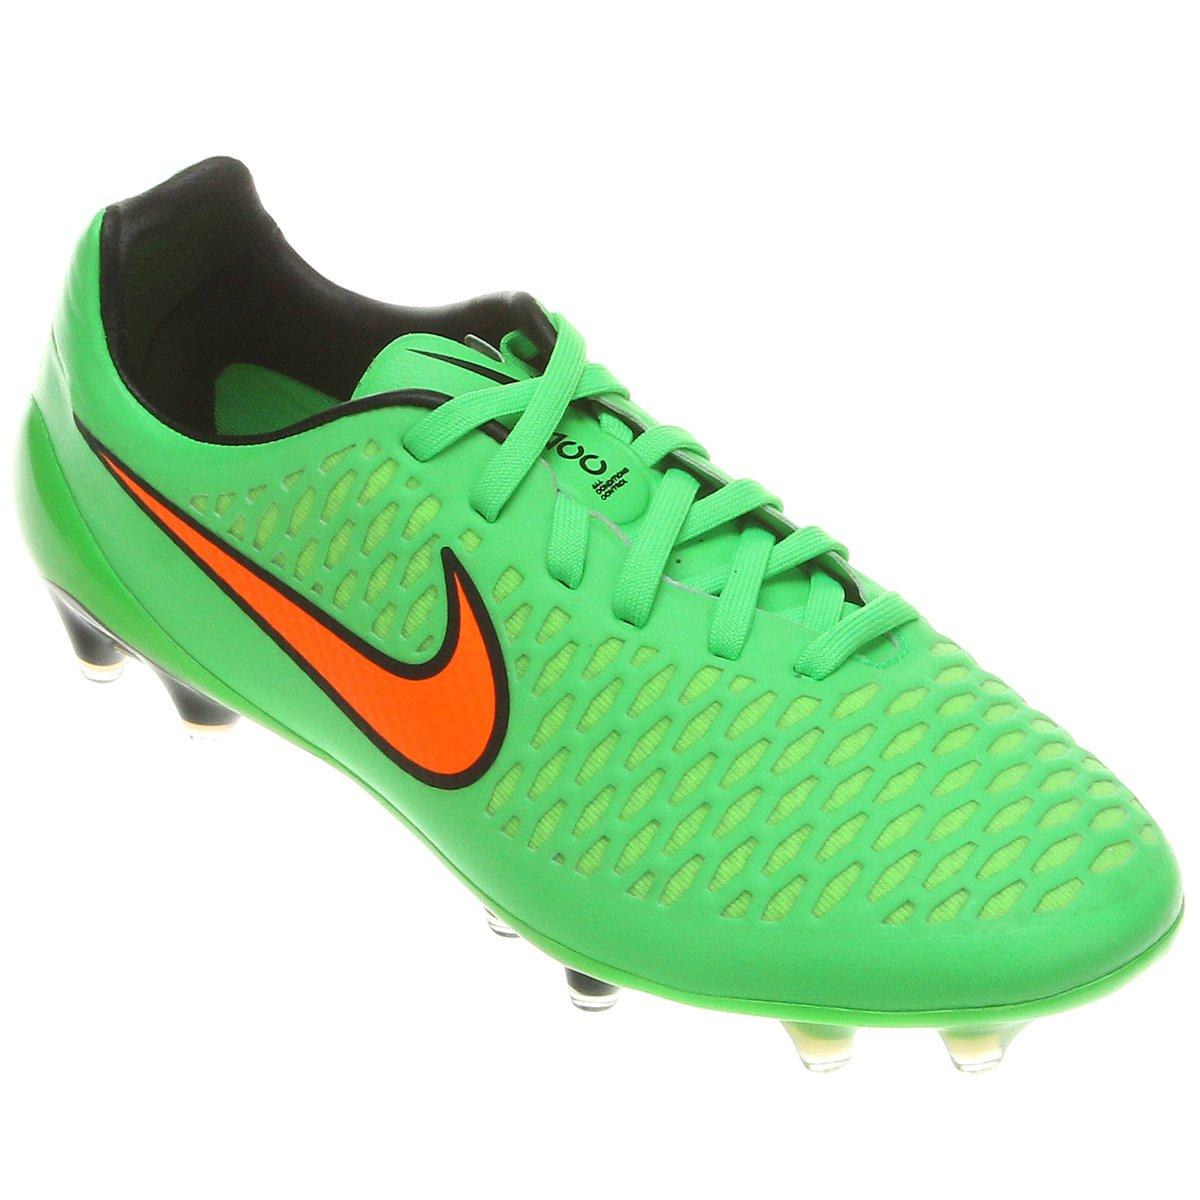 5f105039db31a Chuteira Nike Magista Opus FG Campo - Compre Agora